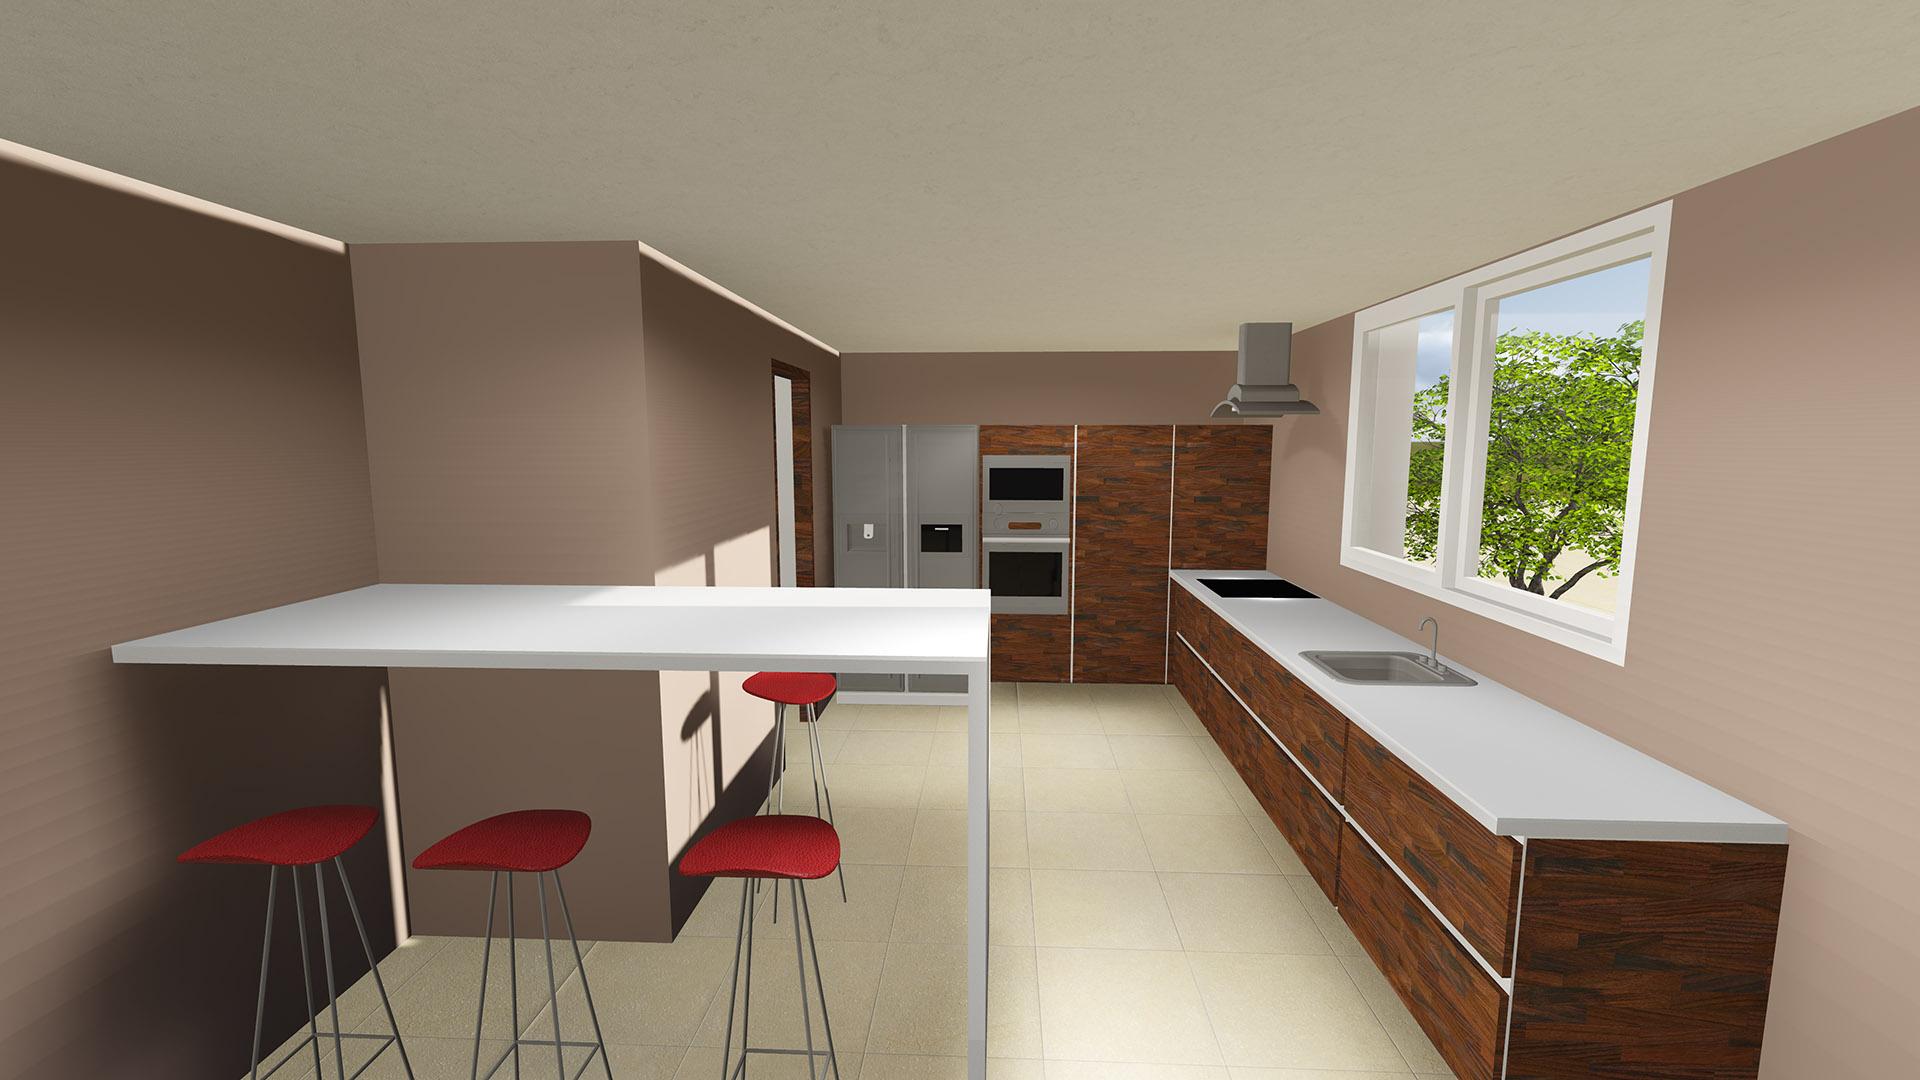 Edile arquitectura dise o 3d cocina for Diseno 3d cocinas online